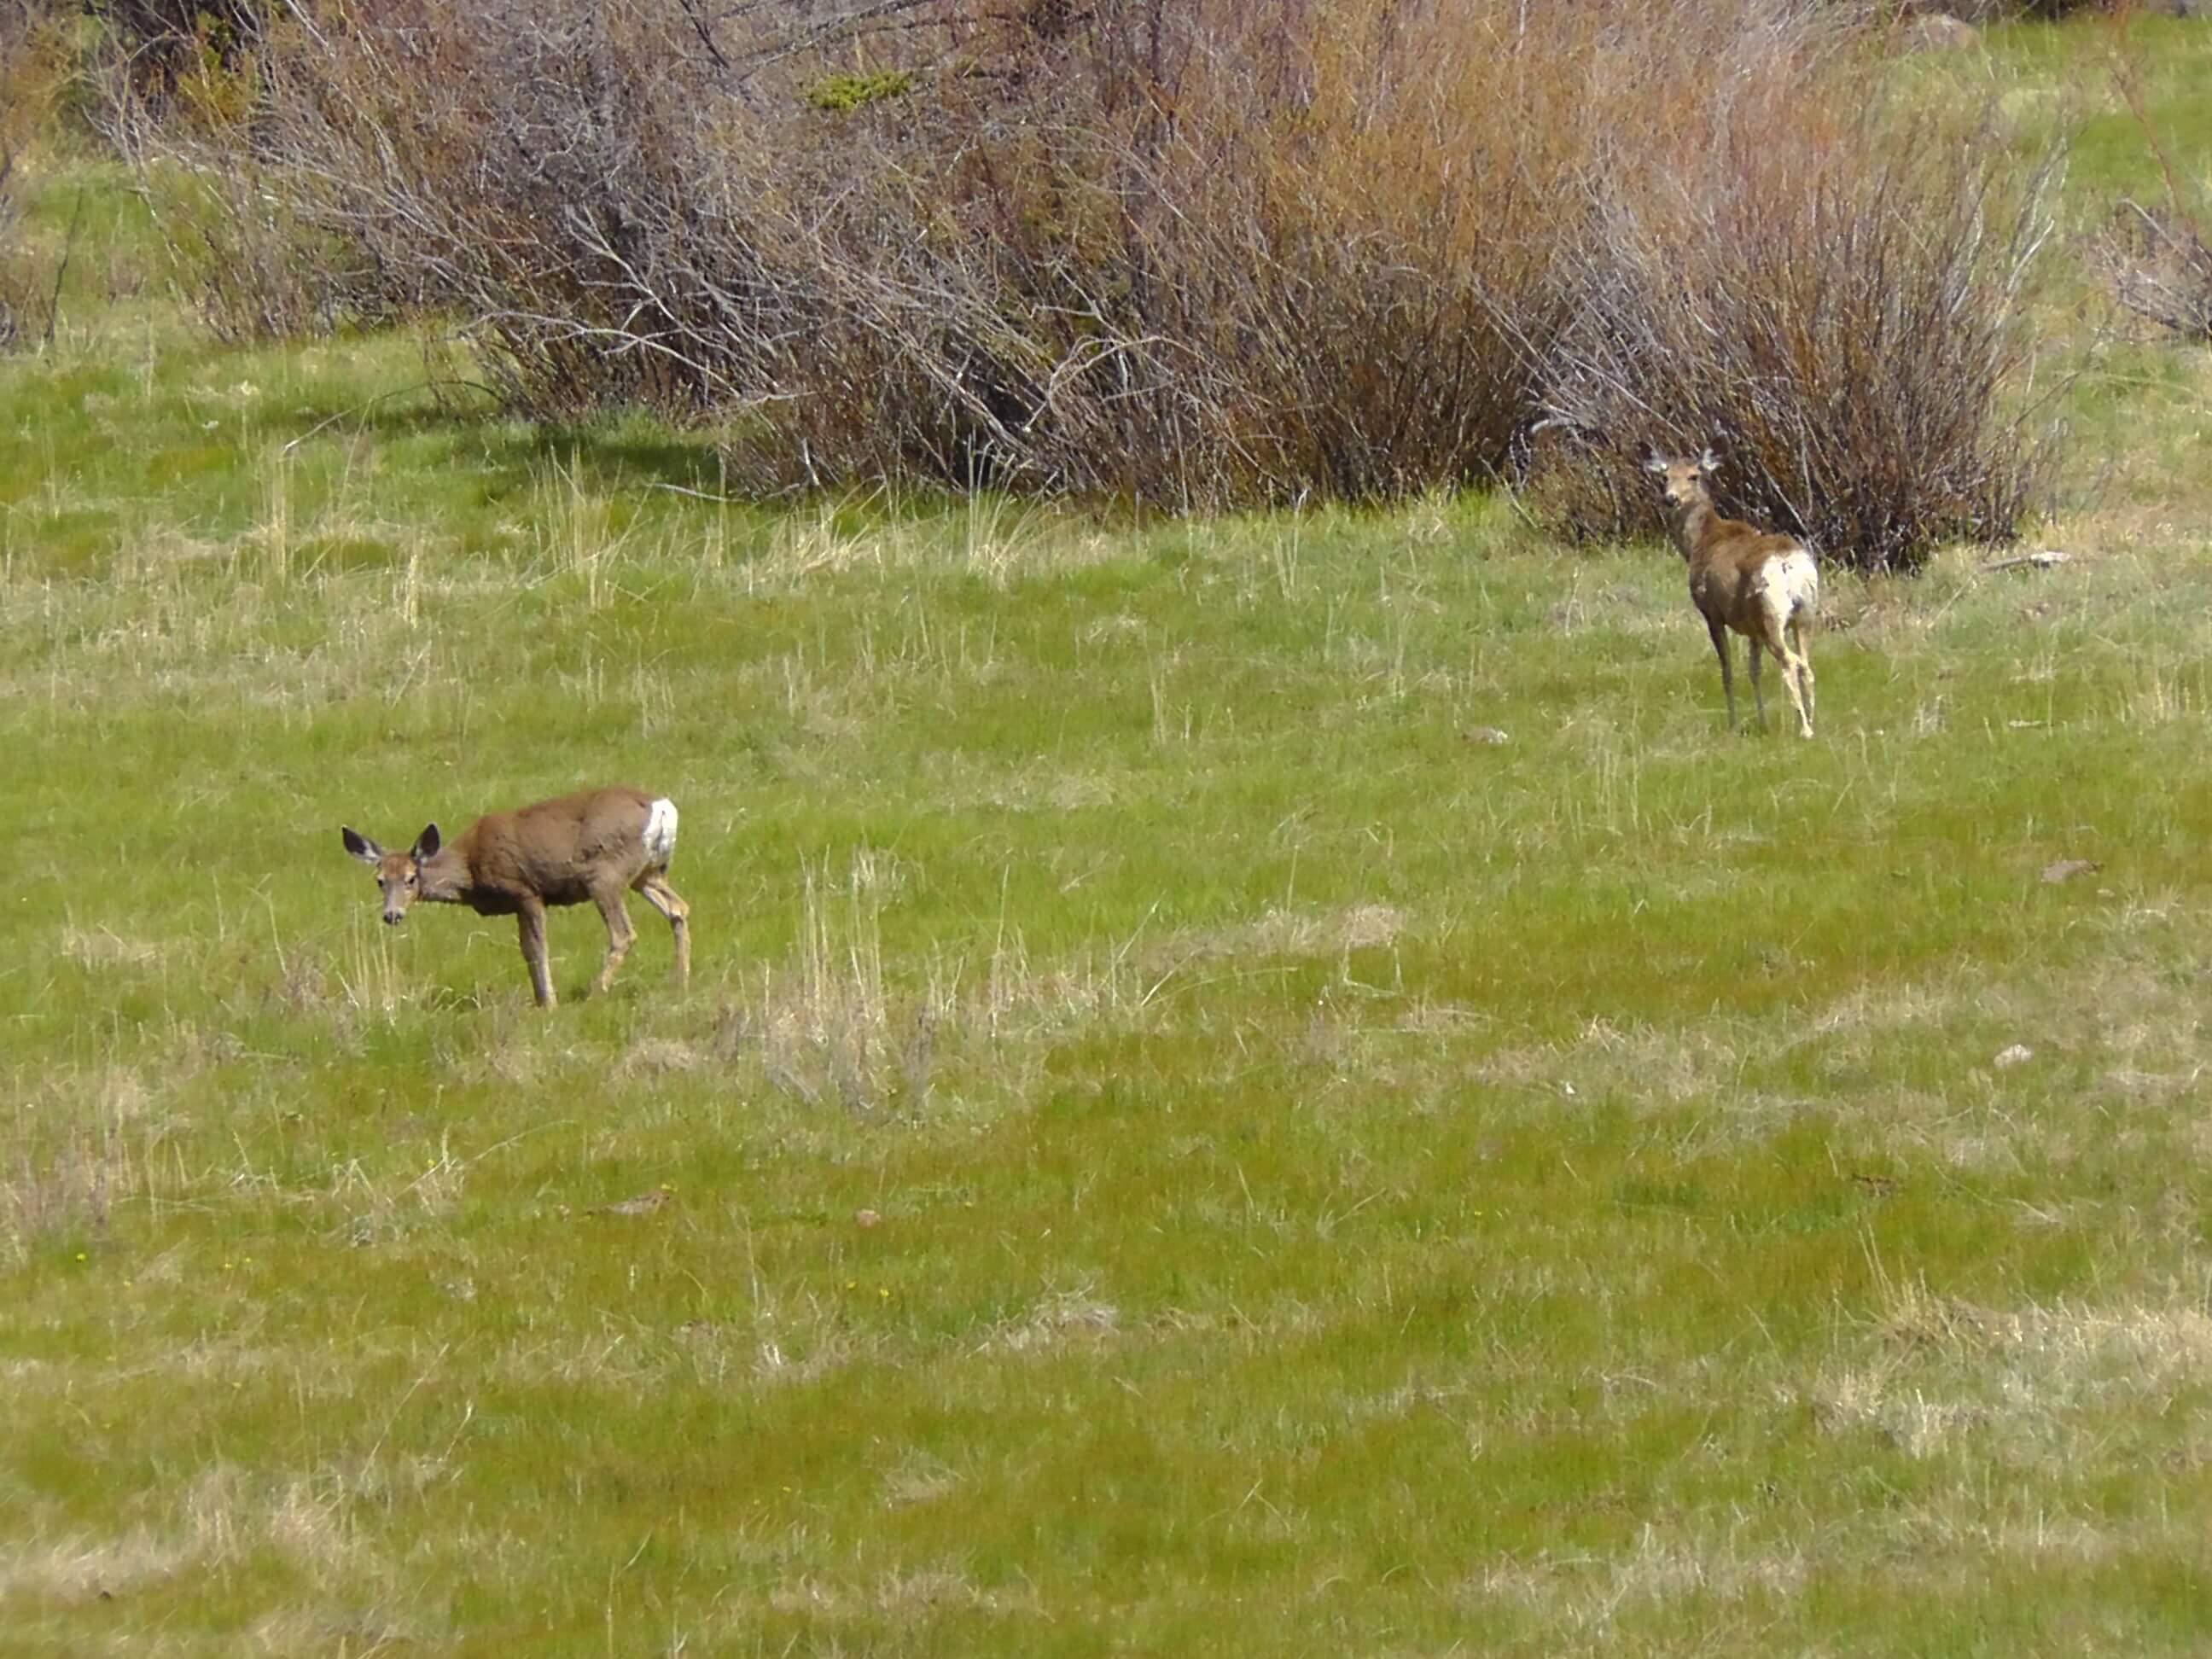 Mule deer at Capitol Reef National Park, Utah